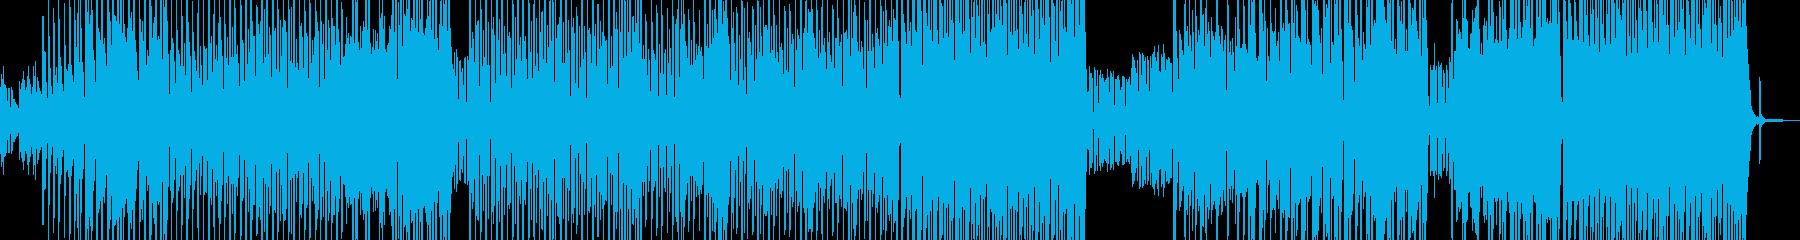 お菓子の国・メルヘンテクノポップ B+の再生済みの波形